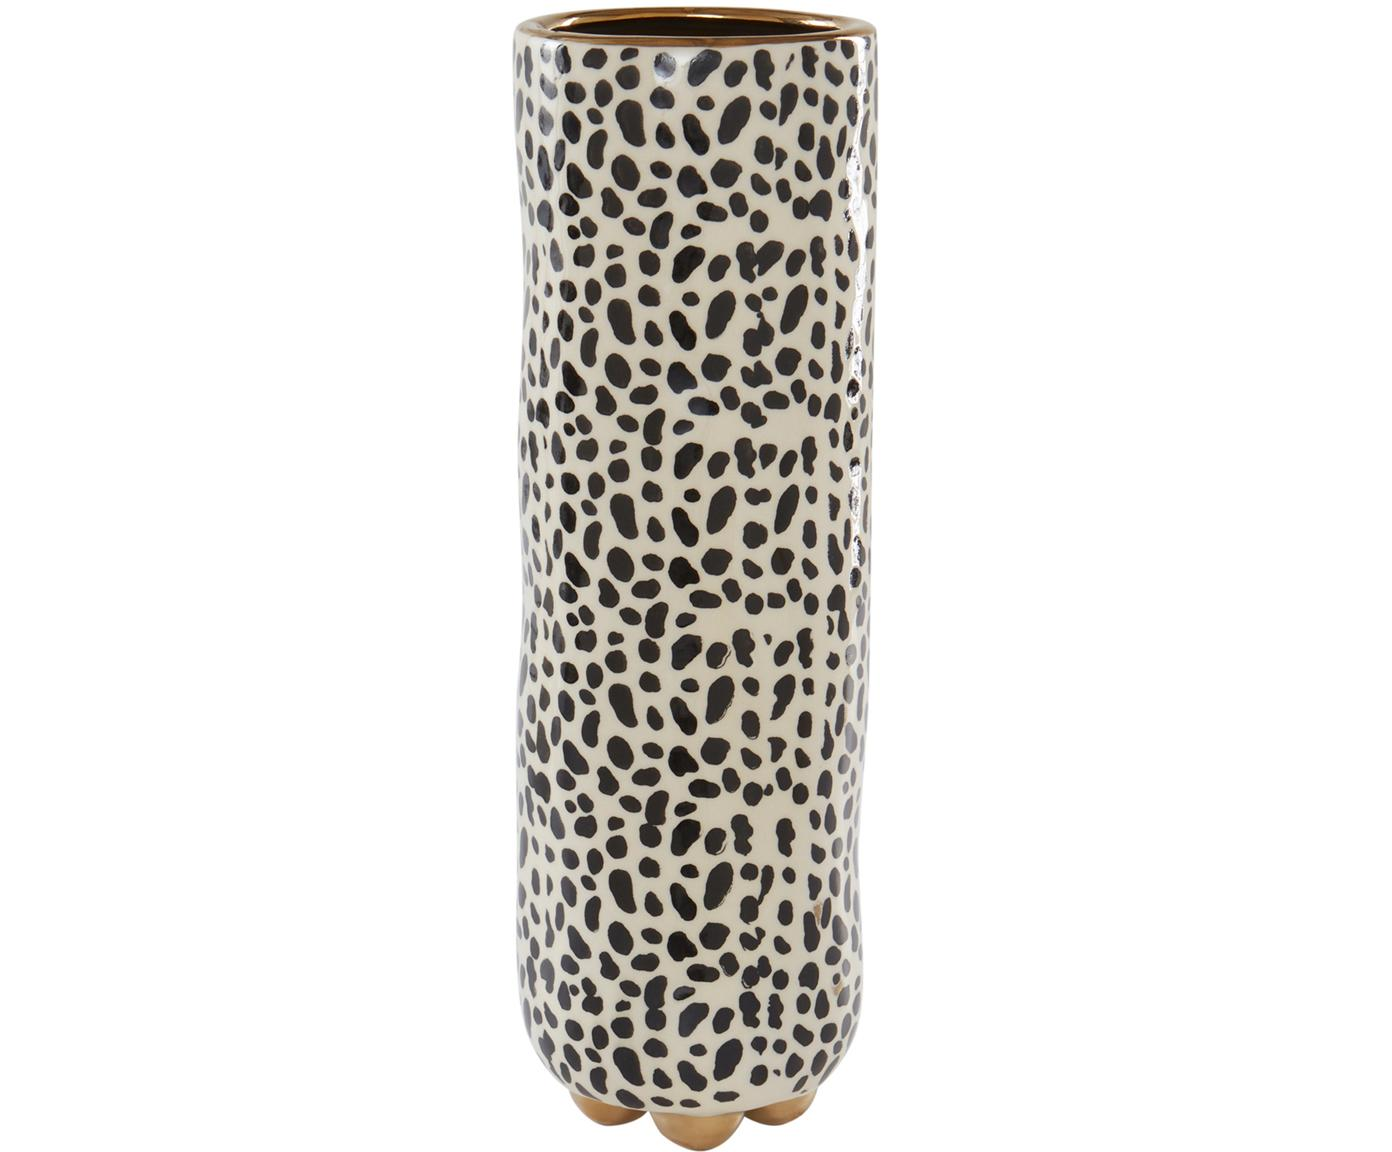 Vaso grande in ceramica dipinto a mano Fifi, Ceramica smaltata, Beige, nero, dorato, Ø 12 x Alt. 34 cm